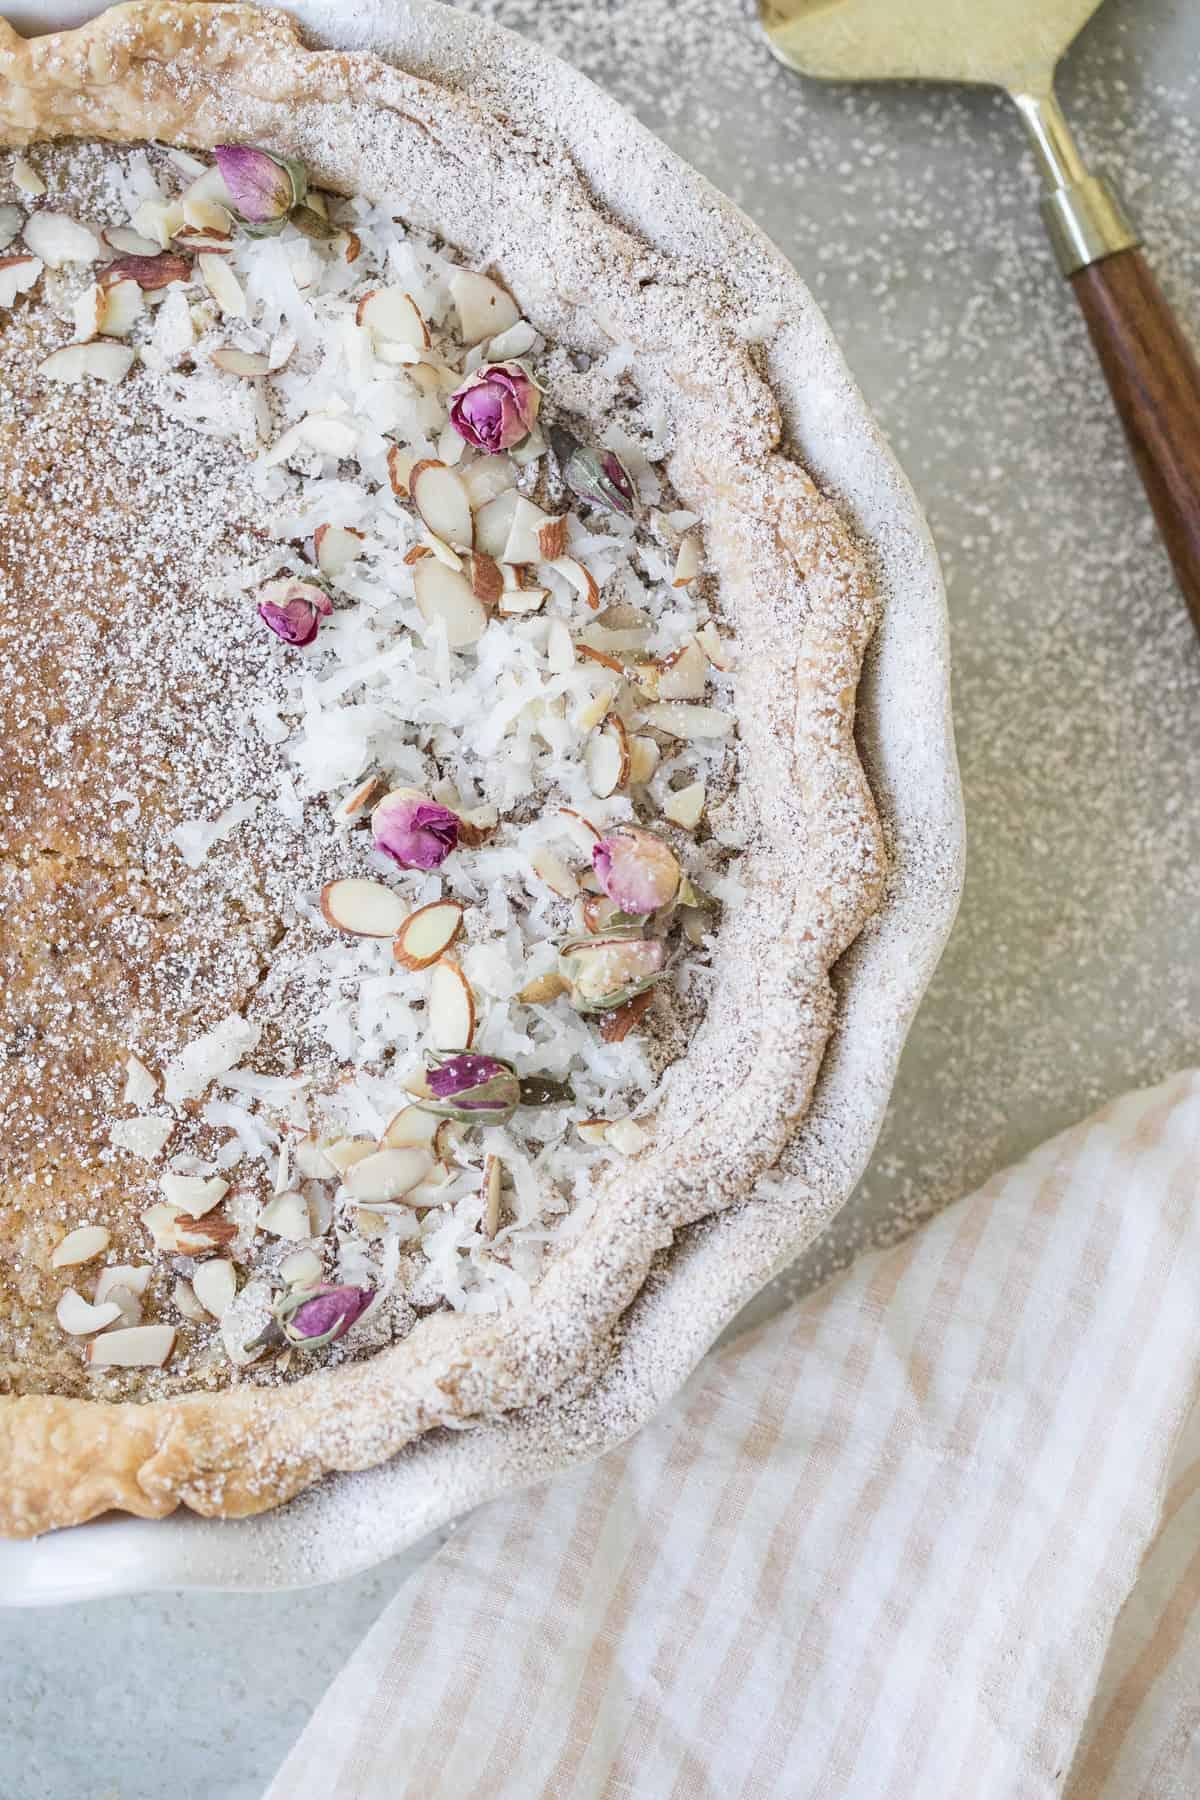 Egg custard pie with powdered sugar ad coconut